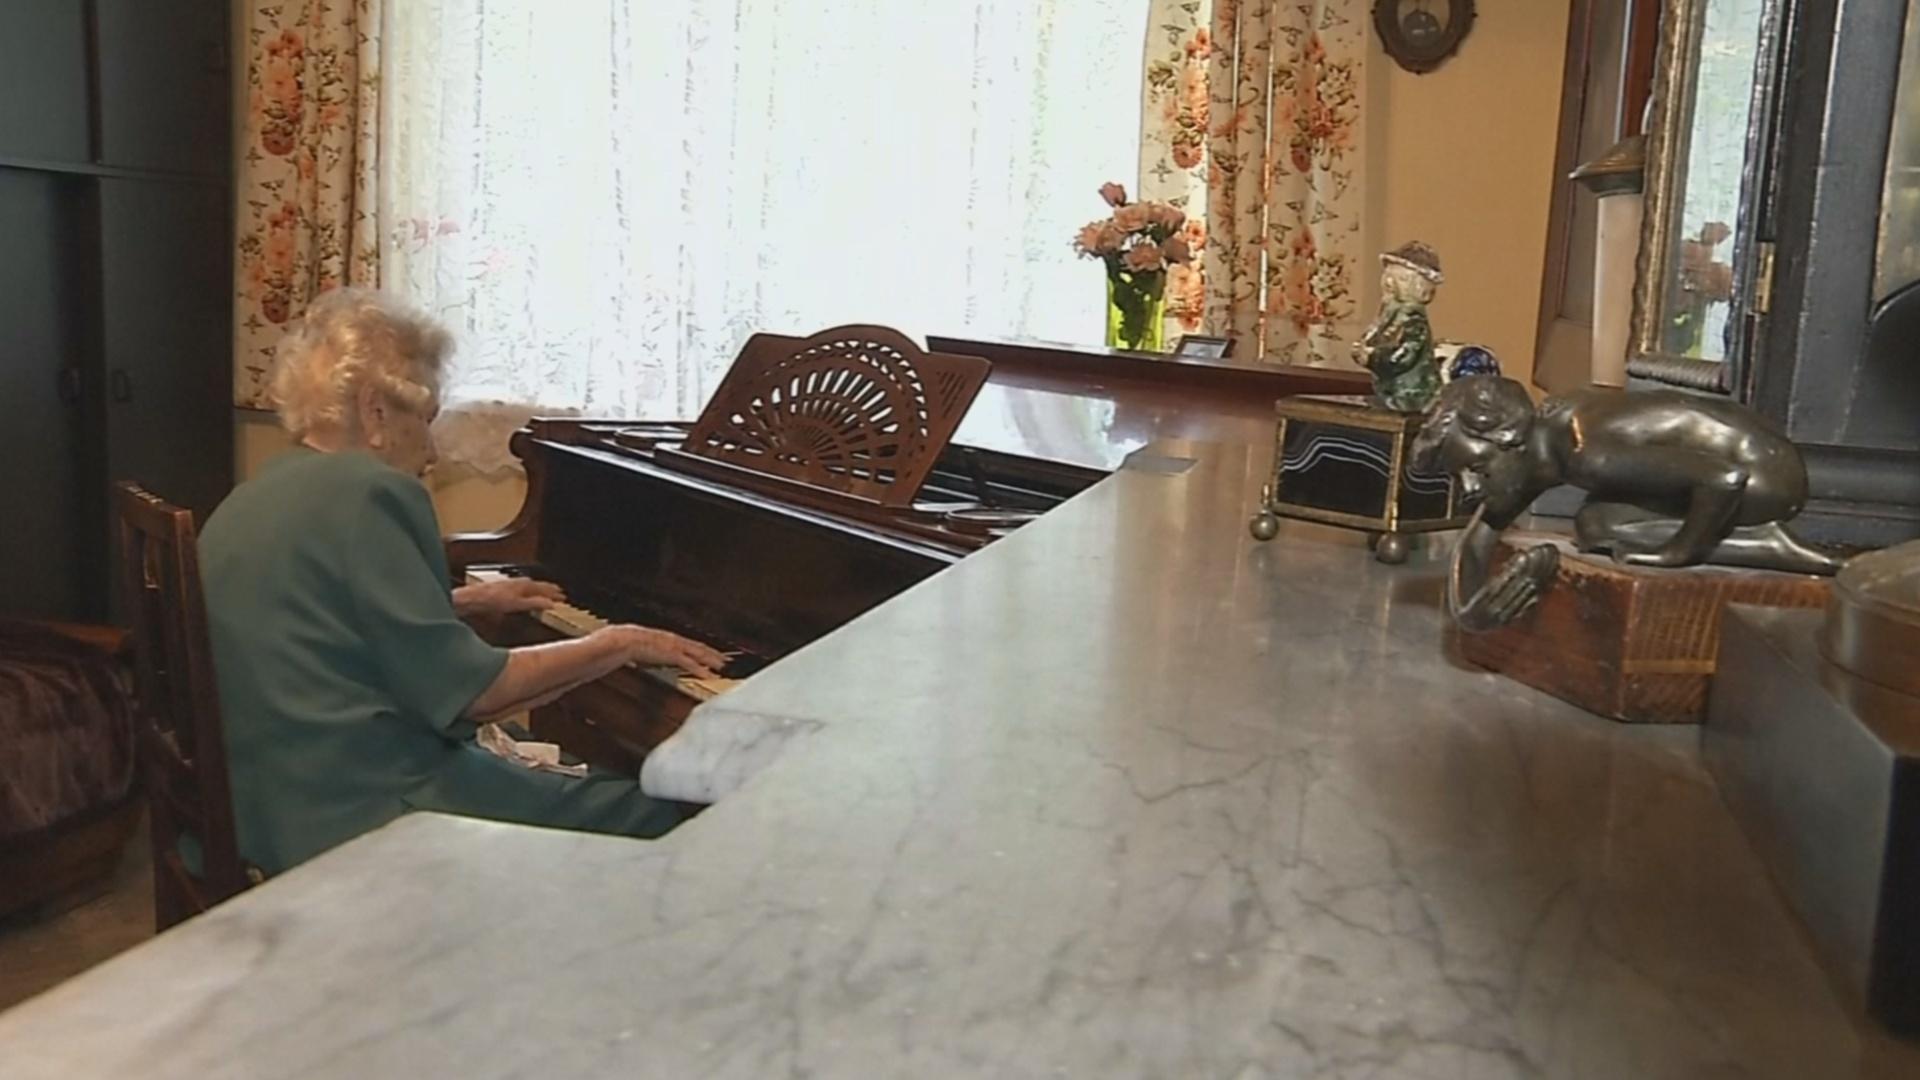 Ни дня без музыки: полька в 108 лет продолжает играть на пианино